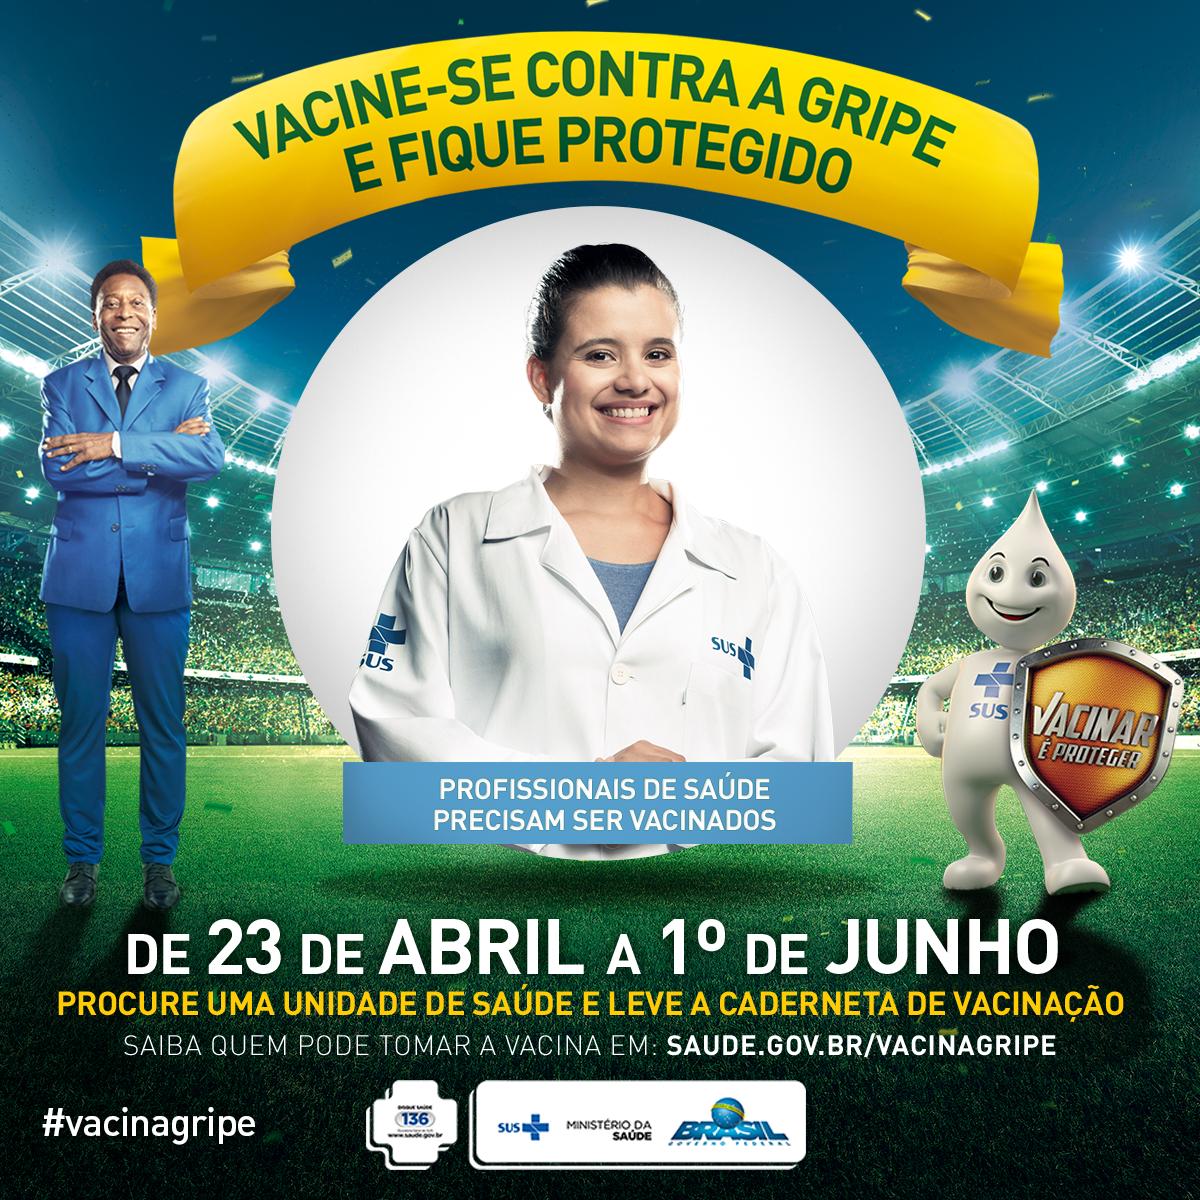 Profissional de saúde, com você a campanha de vacinação é mais forte. Vacine-se e fique protegido. #vacinagripe